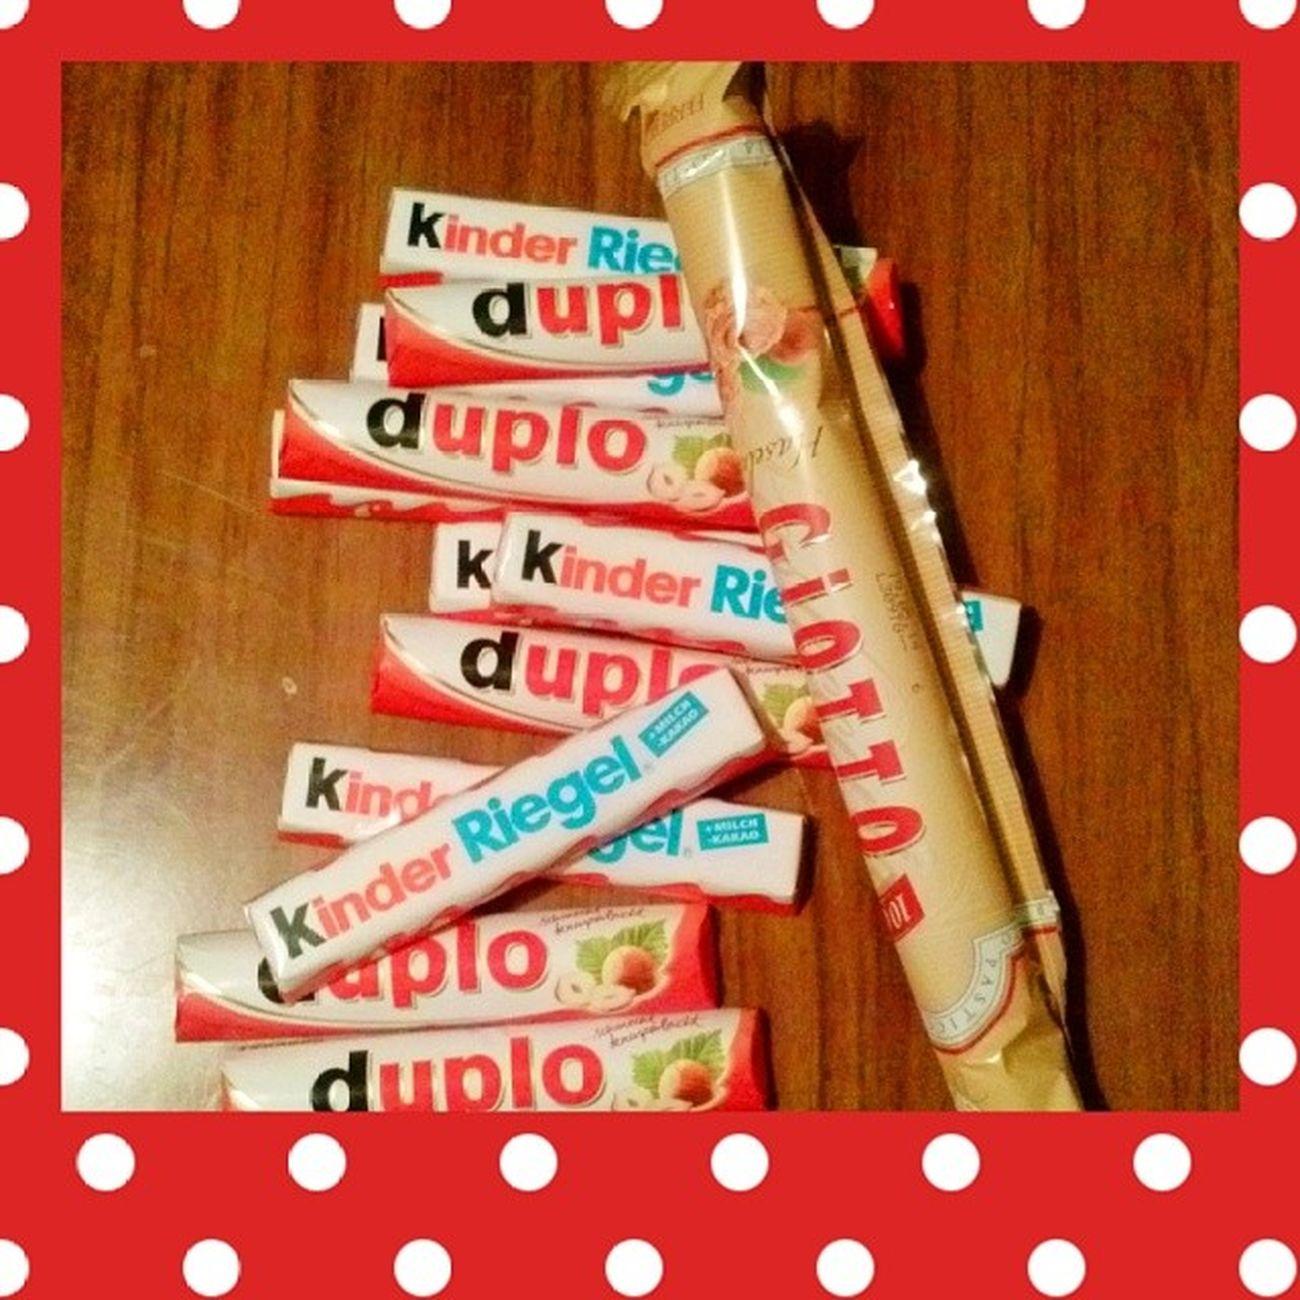 Мамочка, спасибо что подняла настроение! :)) сладостидлянастроения Kinderriegel Ferreroduplo